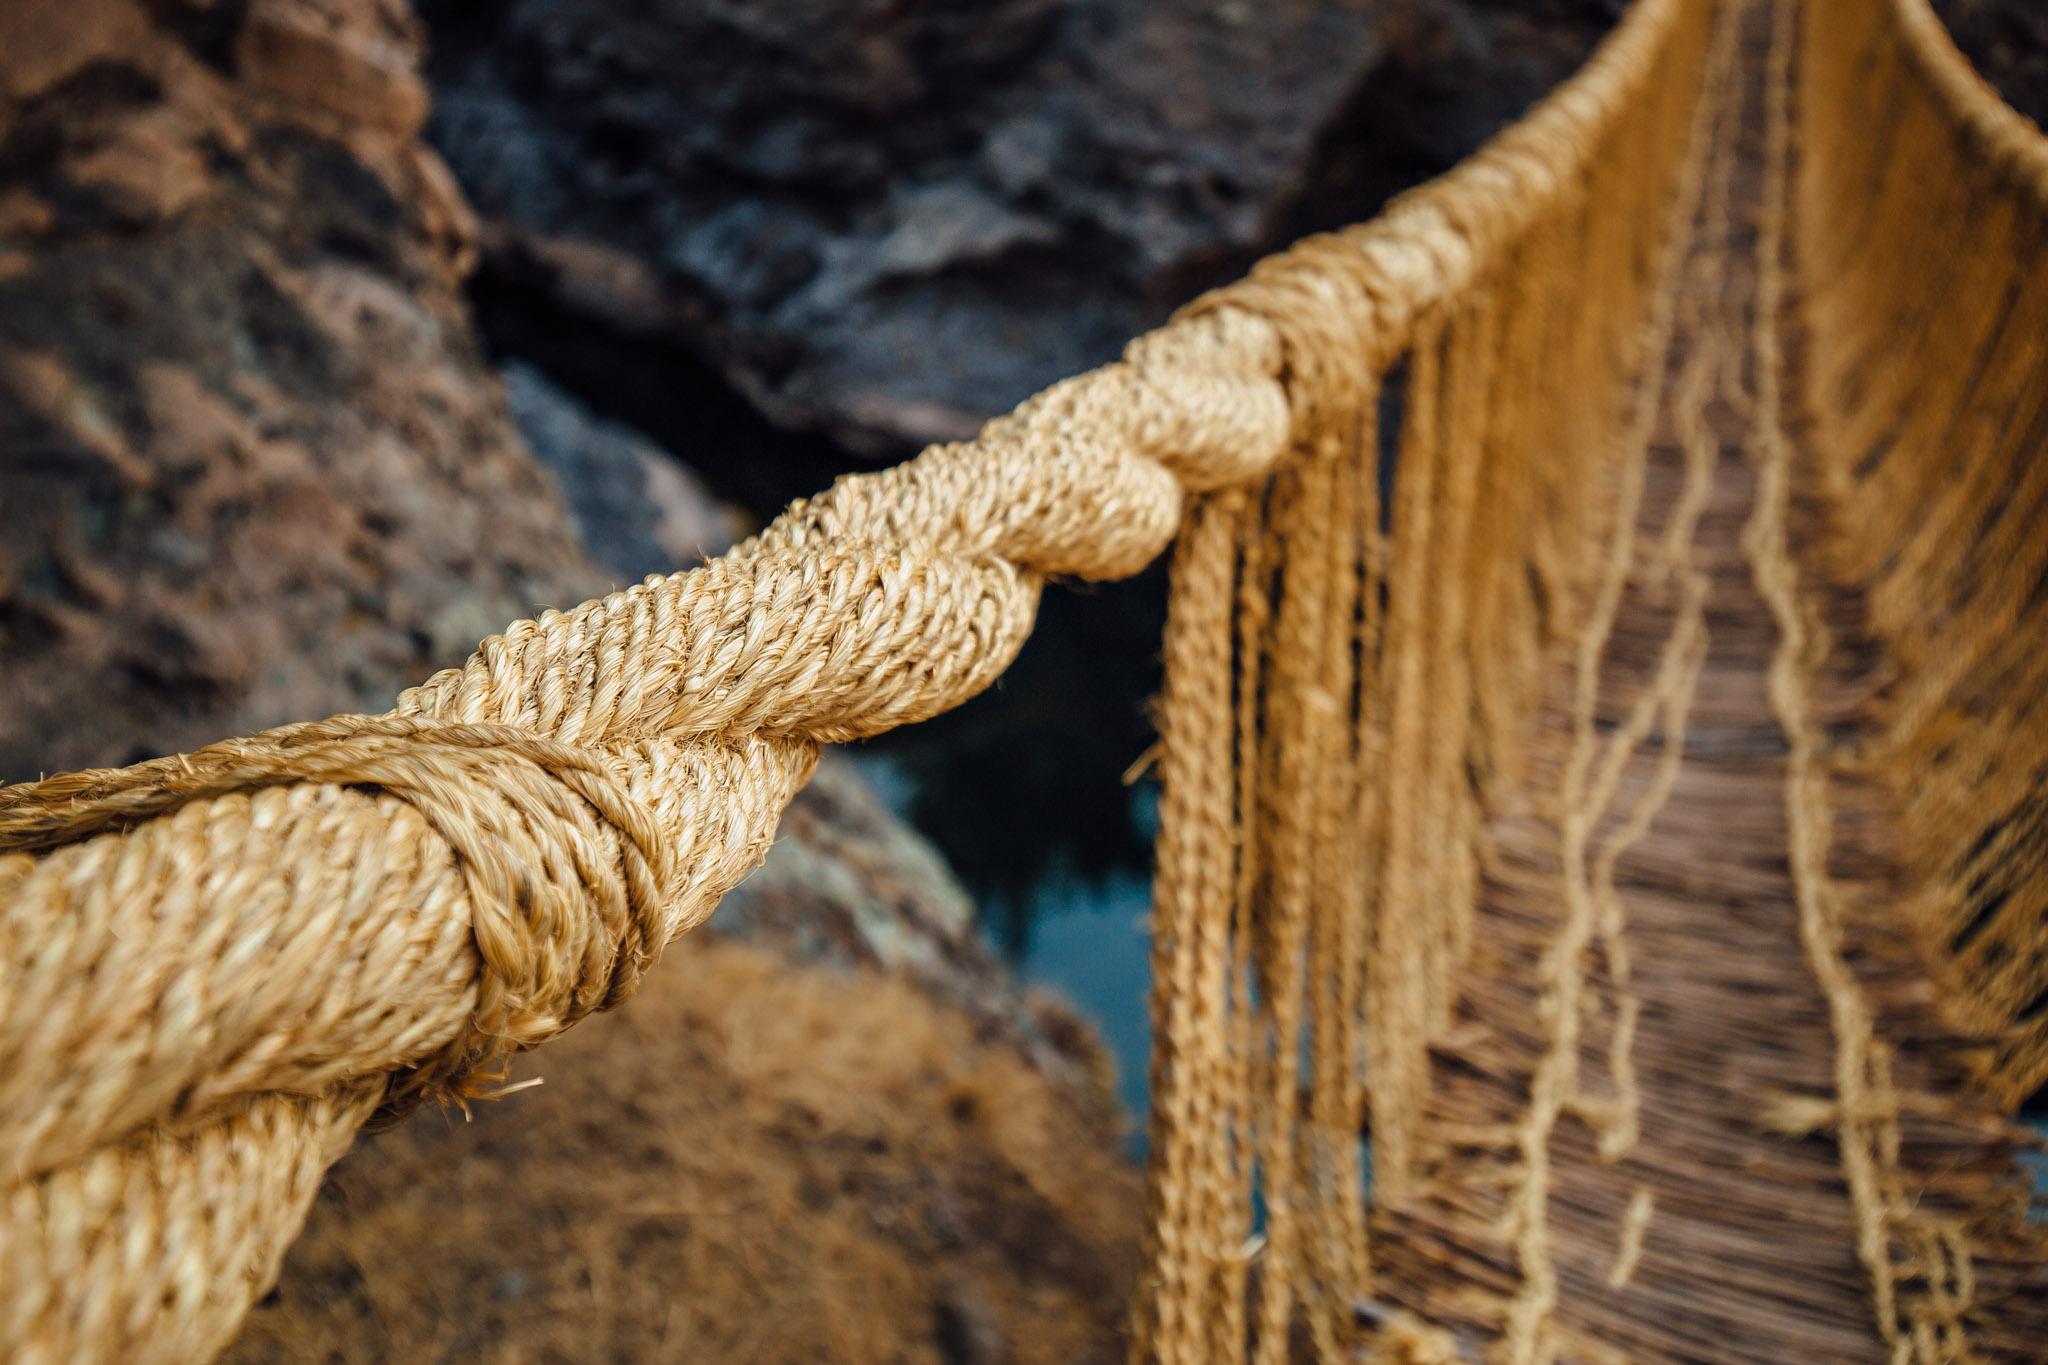 qoya-braided-rope-travel-photography-overlanding-apurimac-valley-peru-queswachaka-last-inca-bridge.jpg